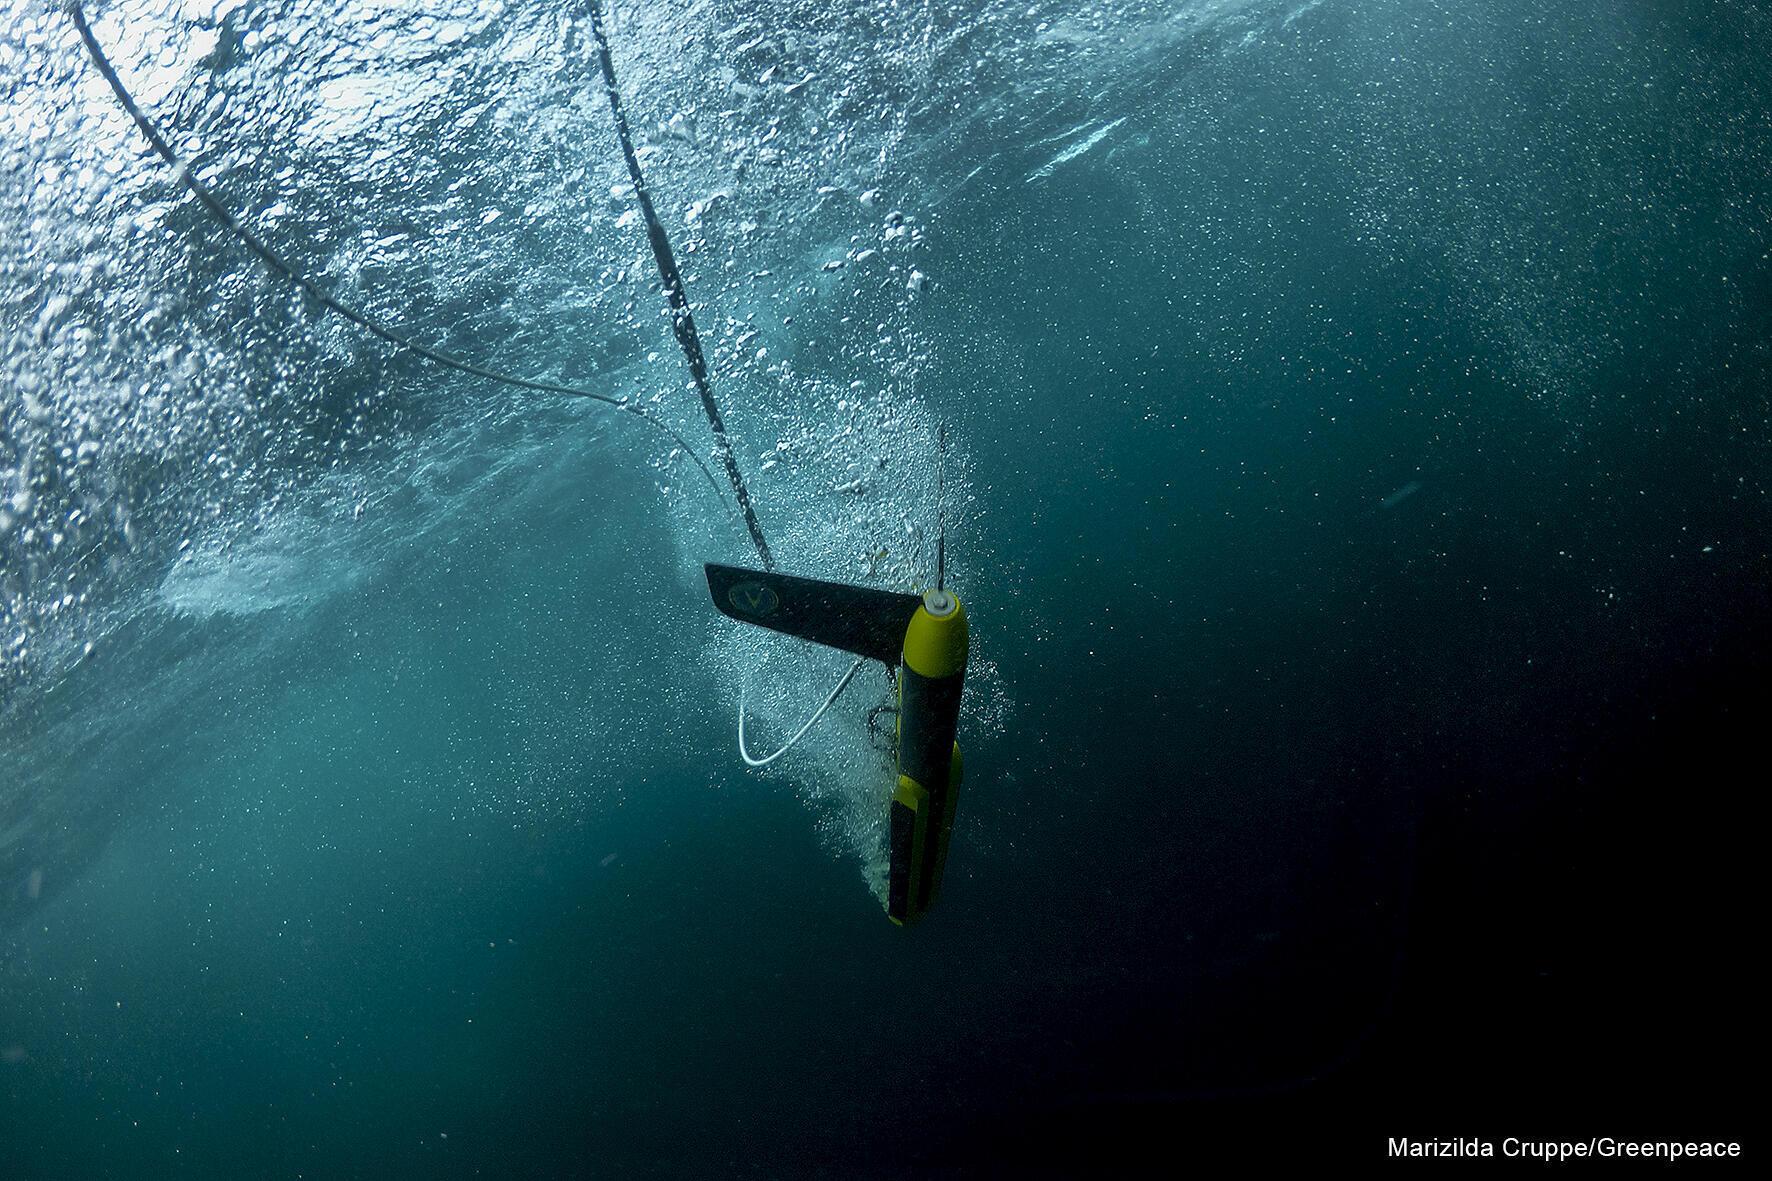 Mise à l'eau du CTD, une des sondes utilisées sur l'expédition